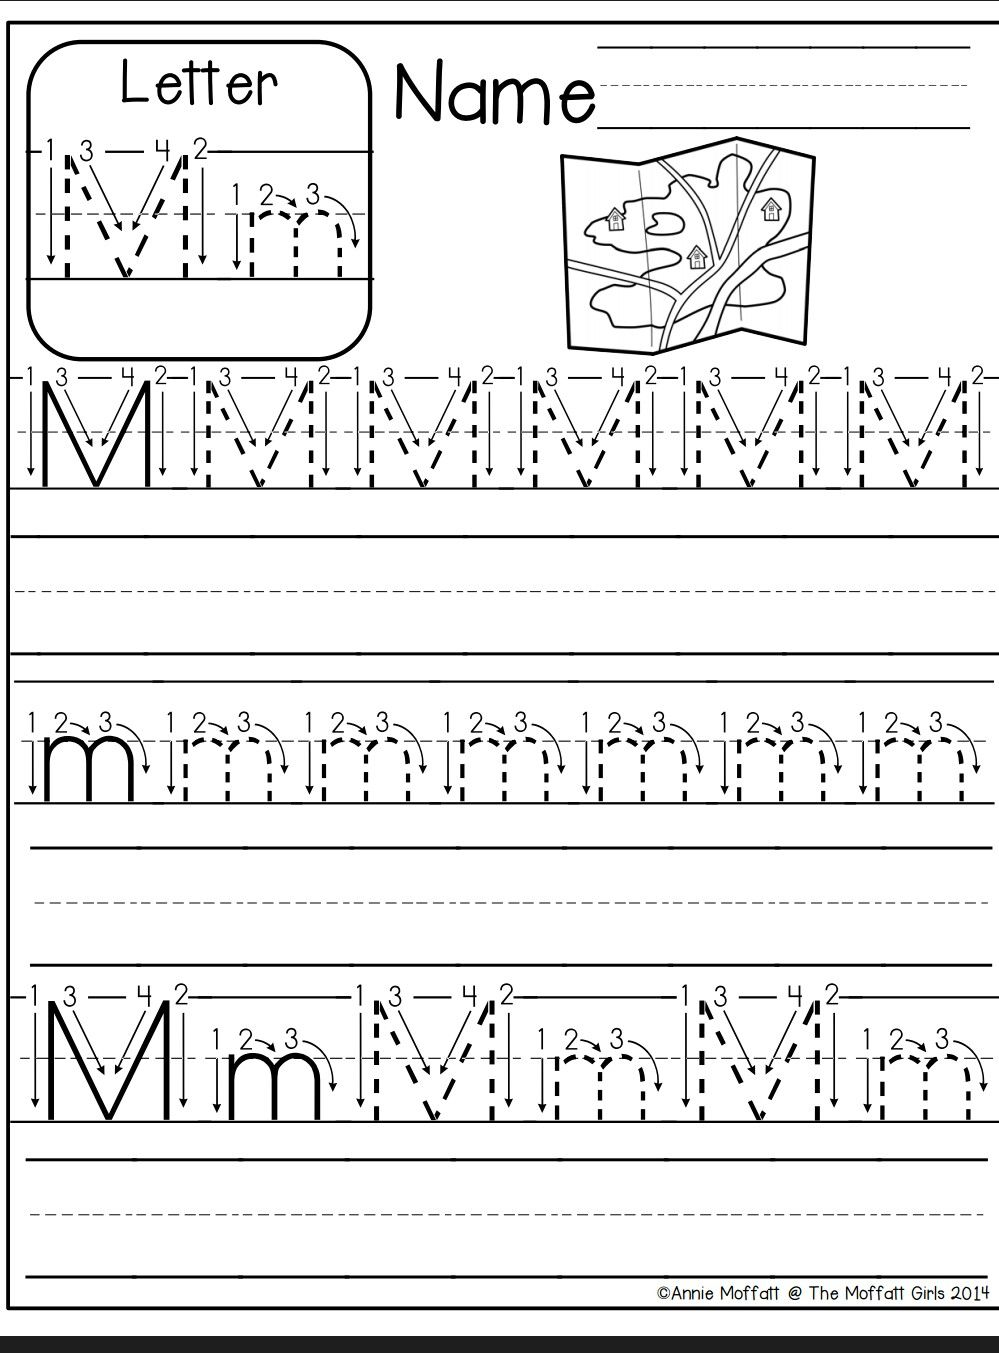 Letter M Worksheet Letter M Worksheets Kindergarten Worksheets Preschool Worksheets [ 1353 x 999 Pixel ]